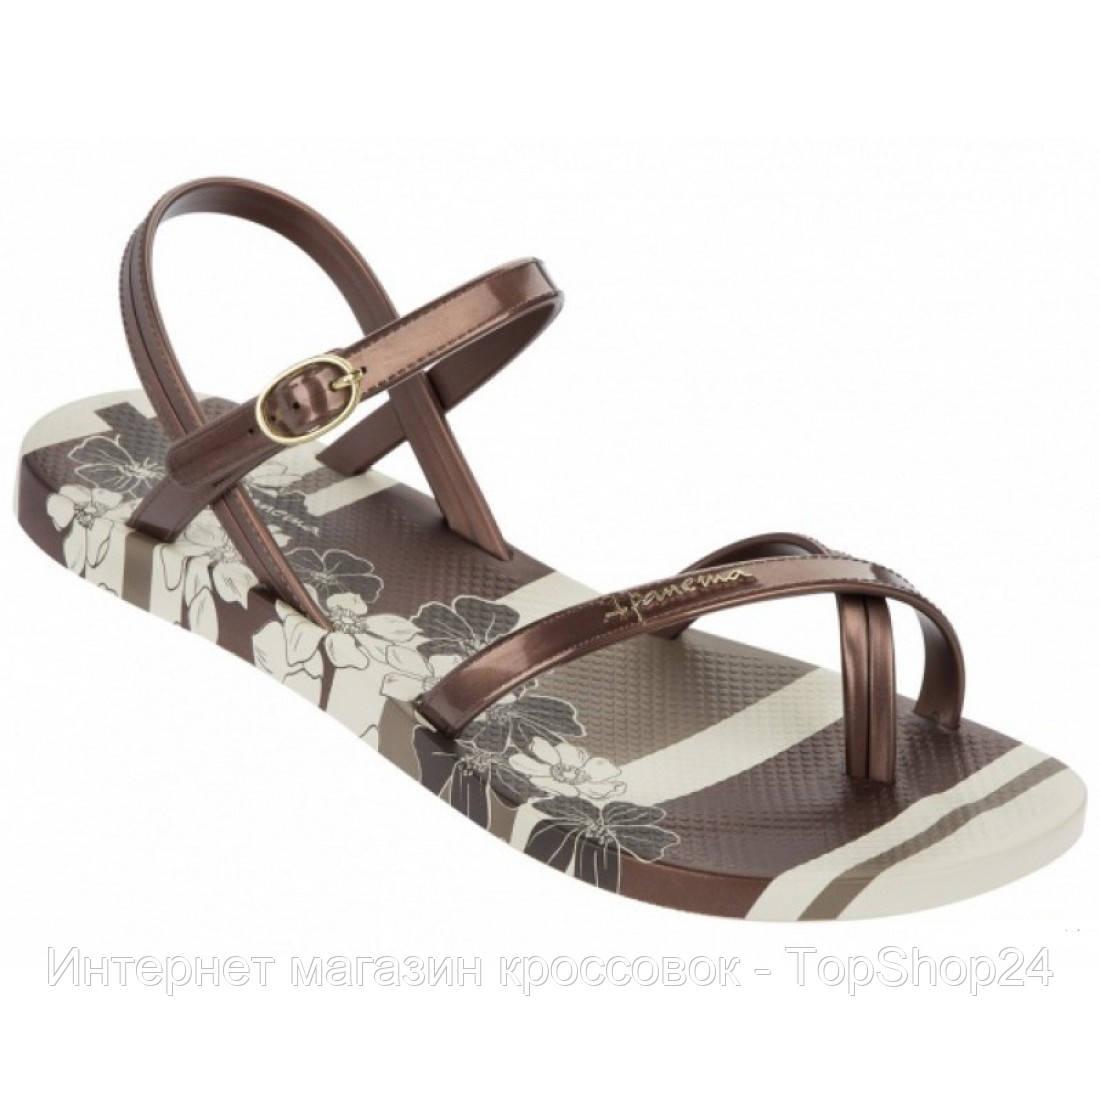 Женские сандалии Ipanema Fashion Sandal II